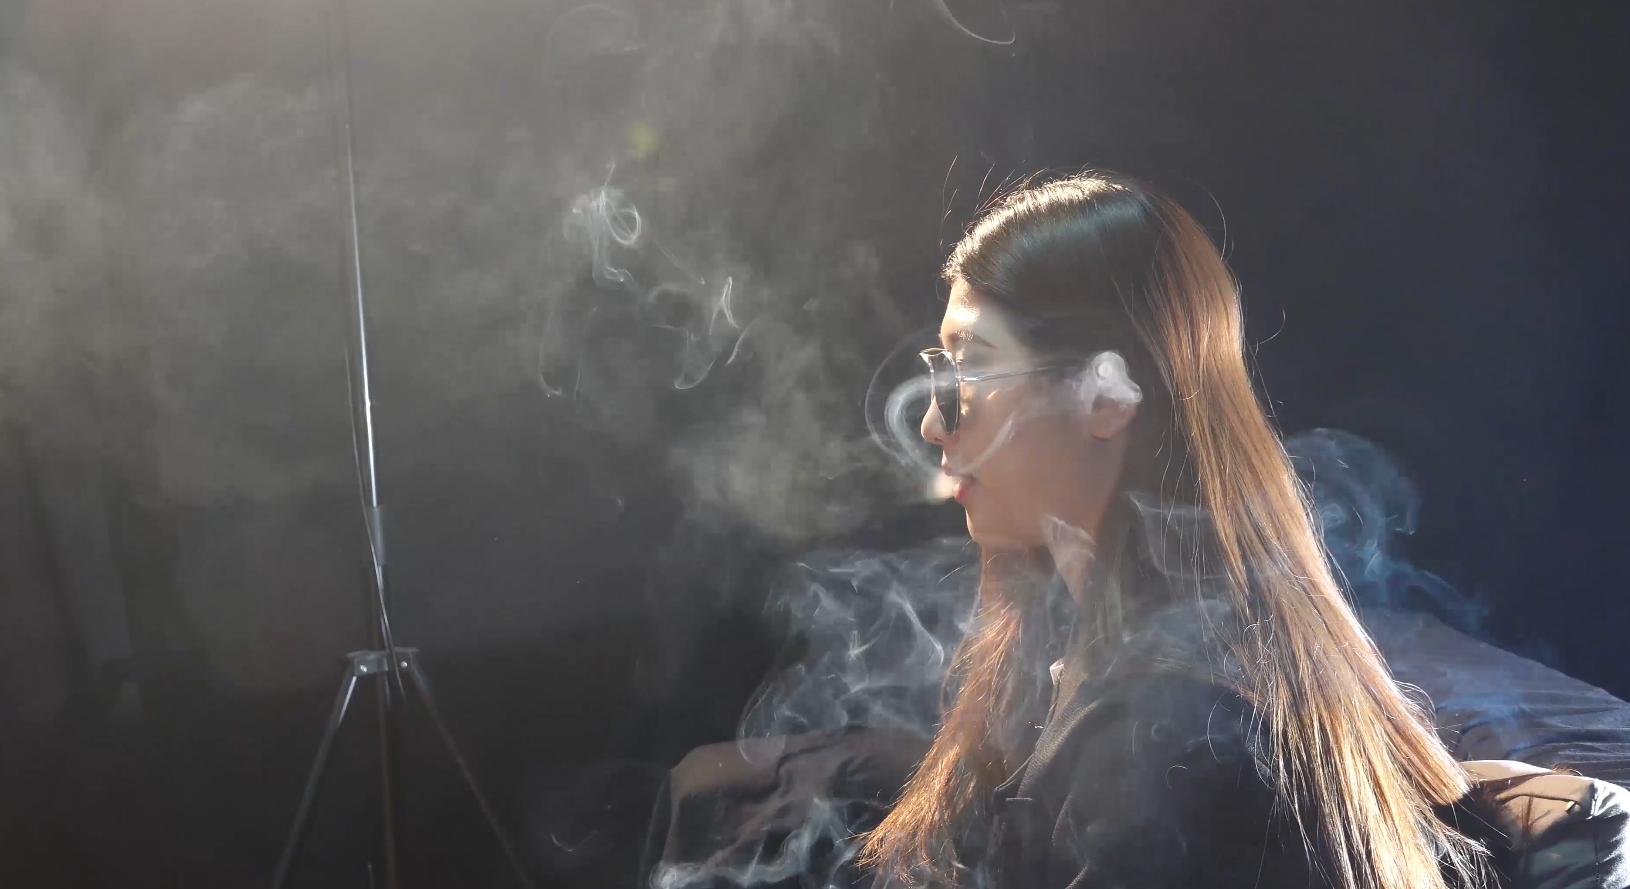 抖音网红美女抽烟